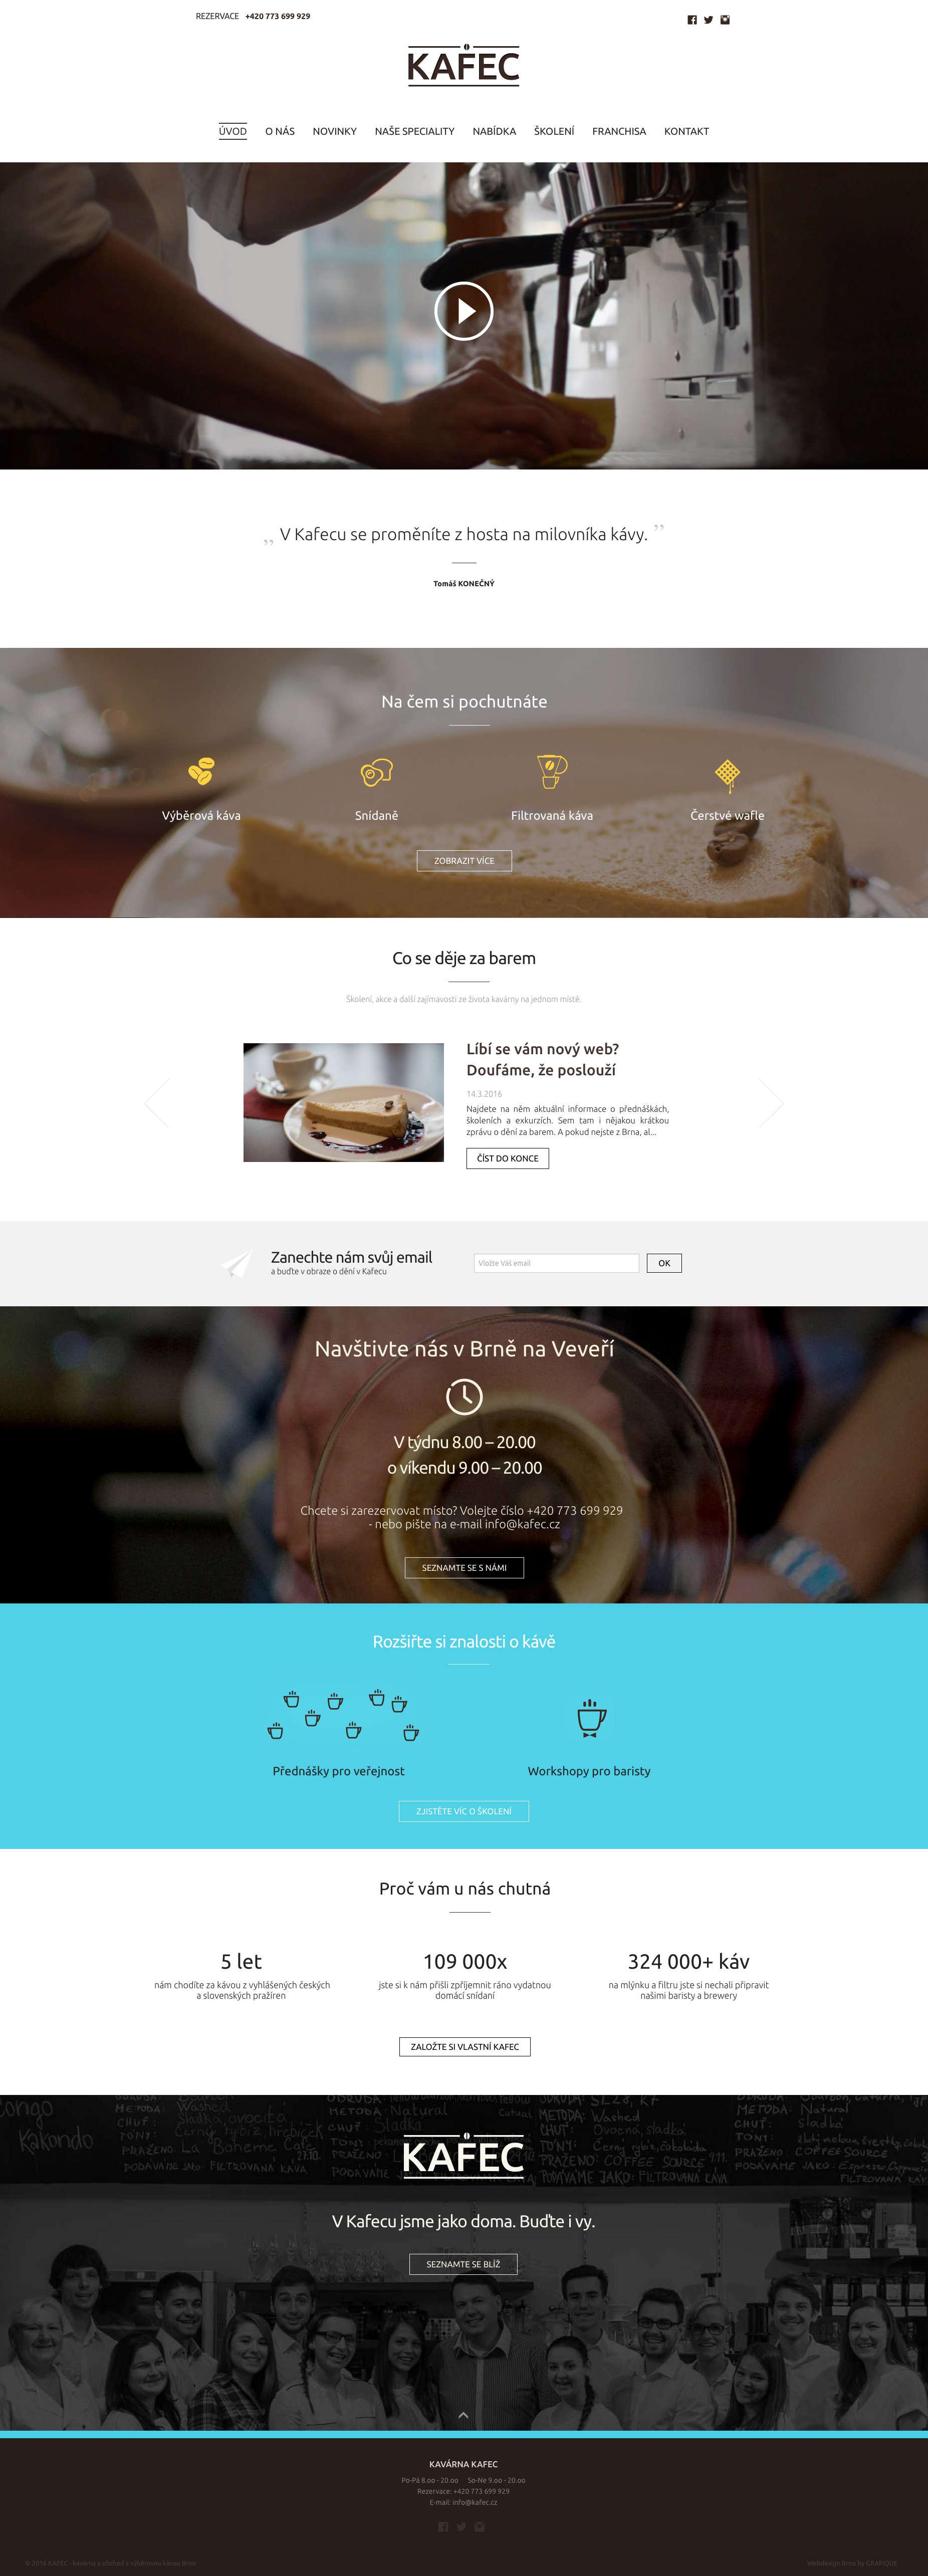 Web kavárny KAFEC - realizace, Web design